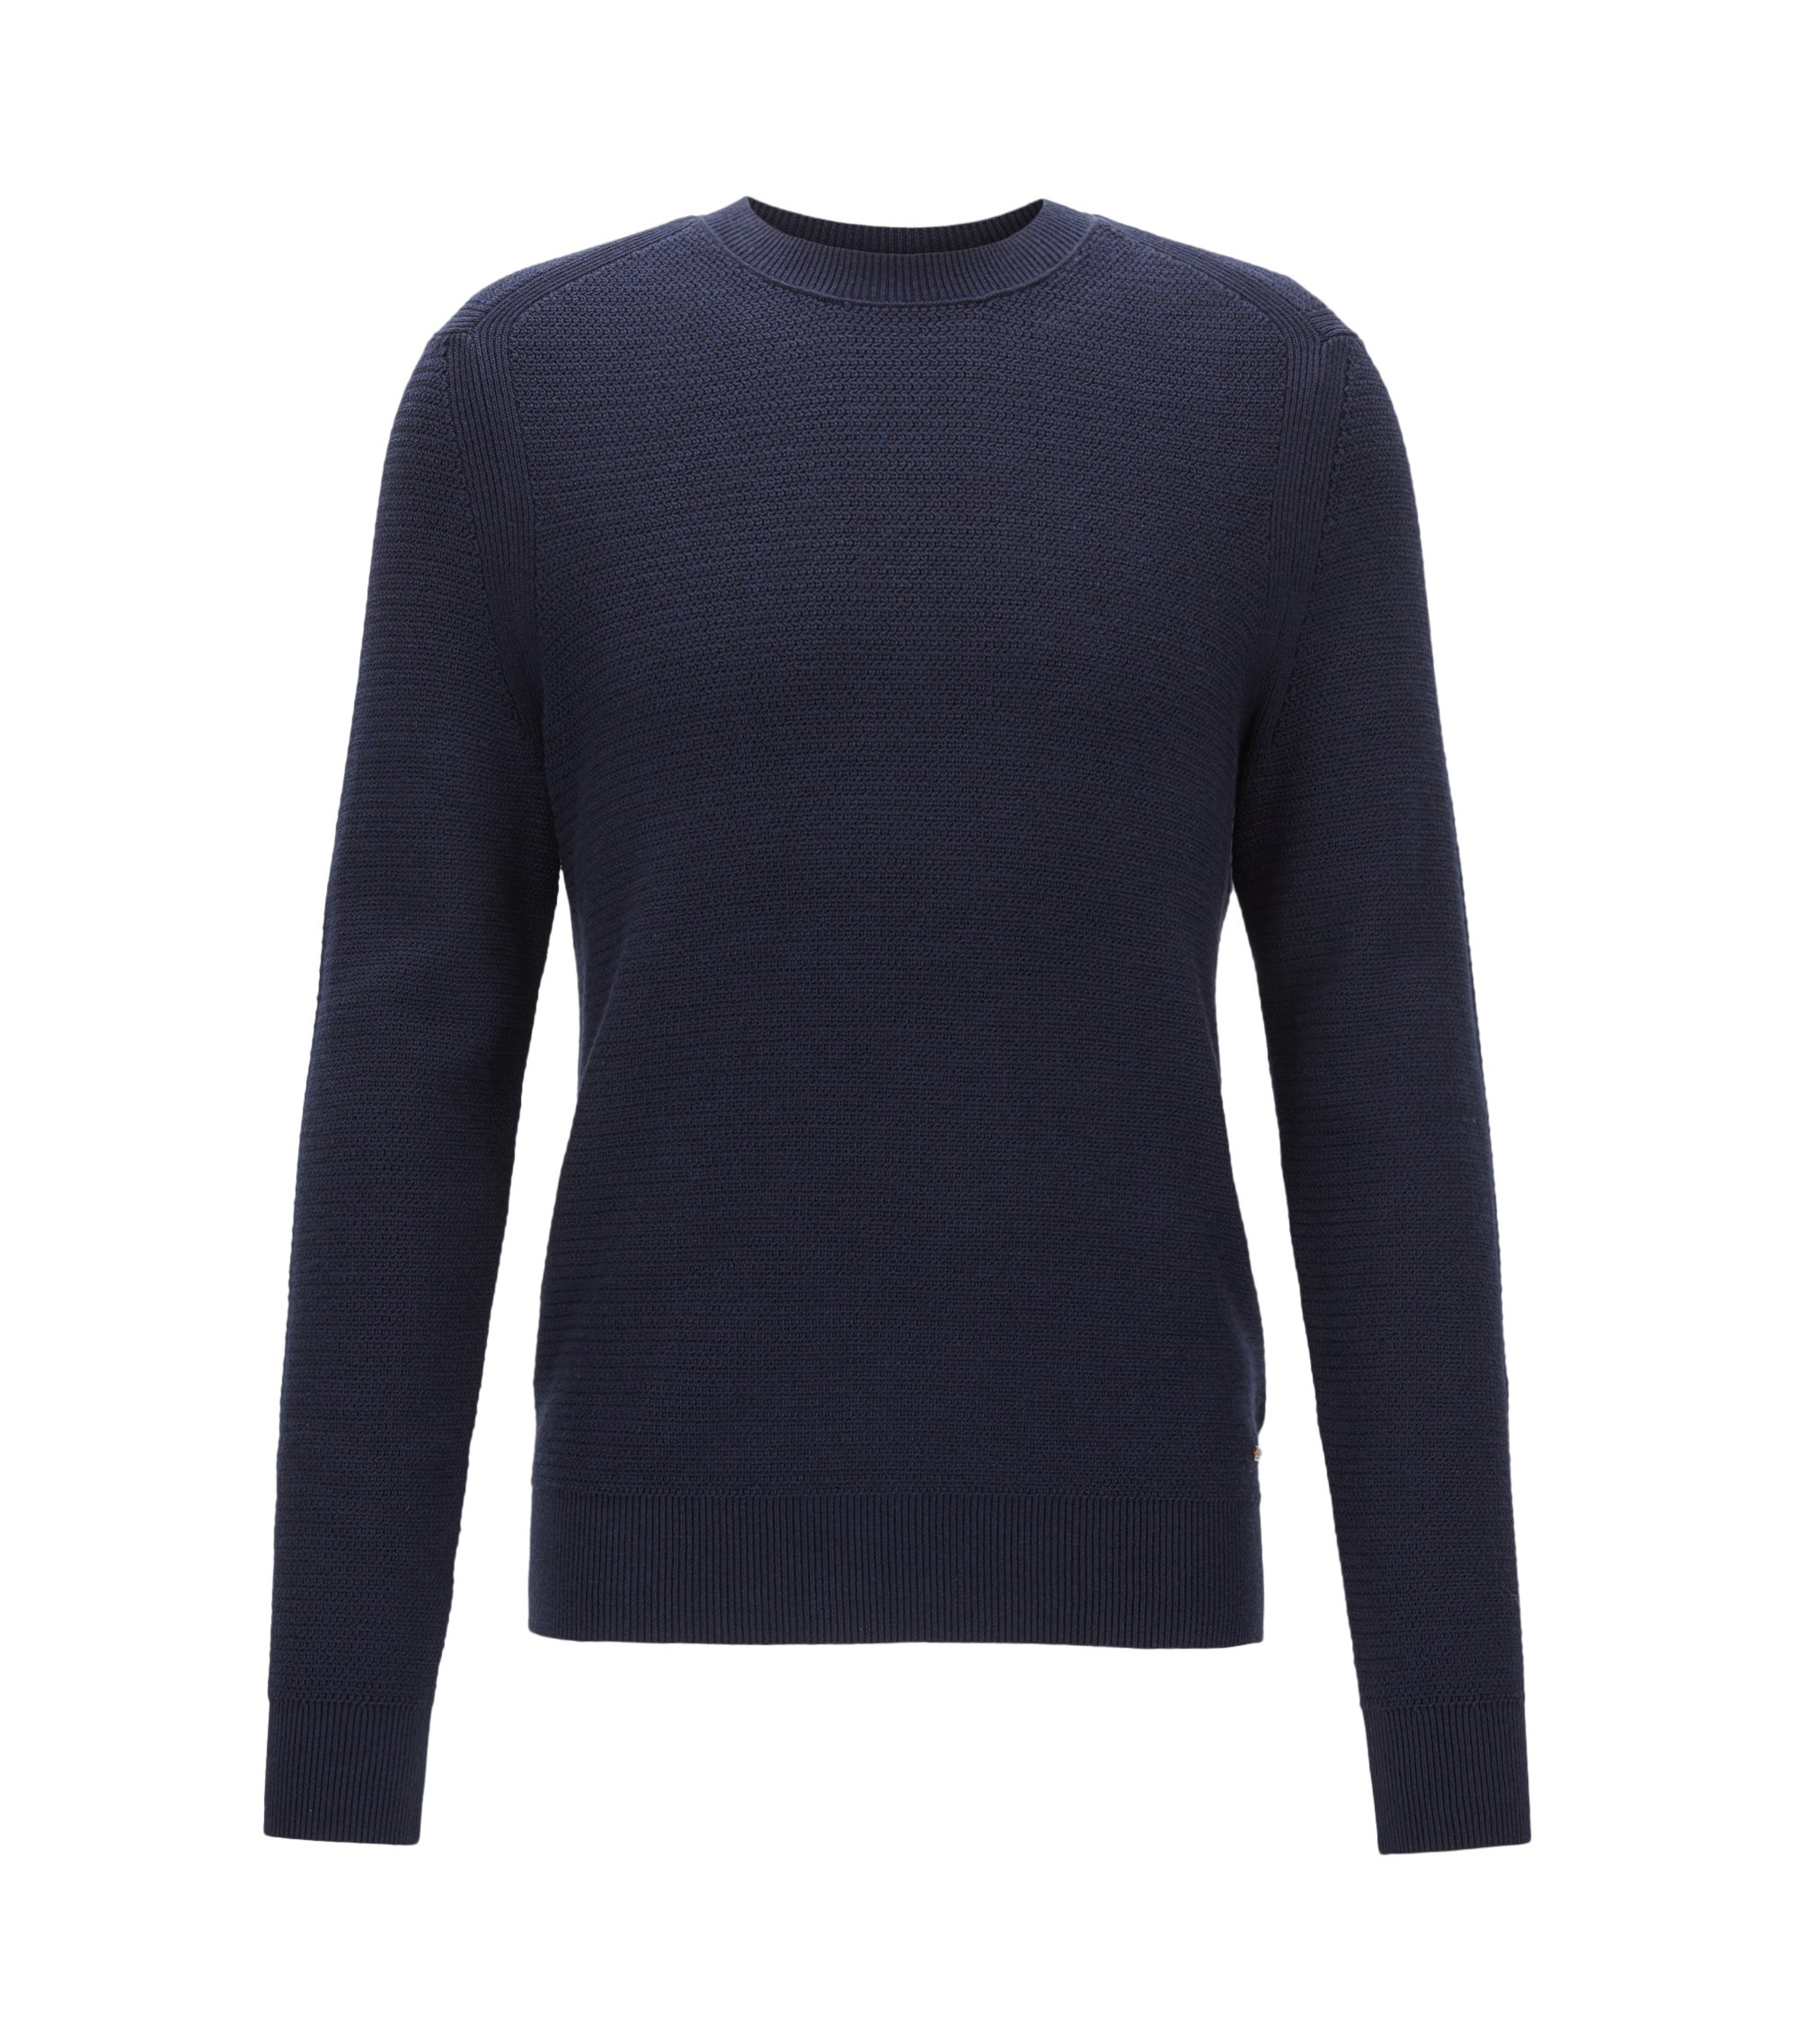 Pull en coton mélangé en maille hybride structurée , Bleu foncé